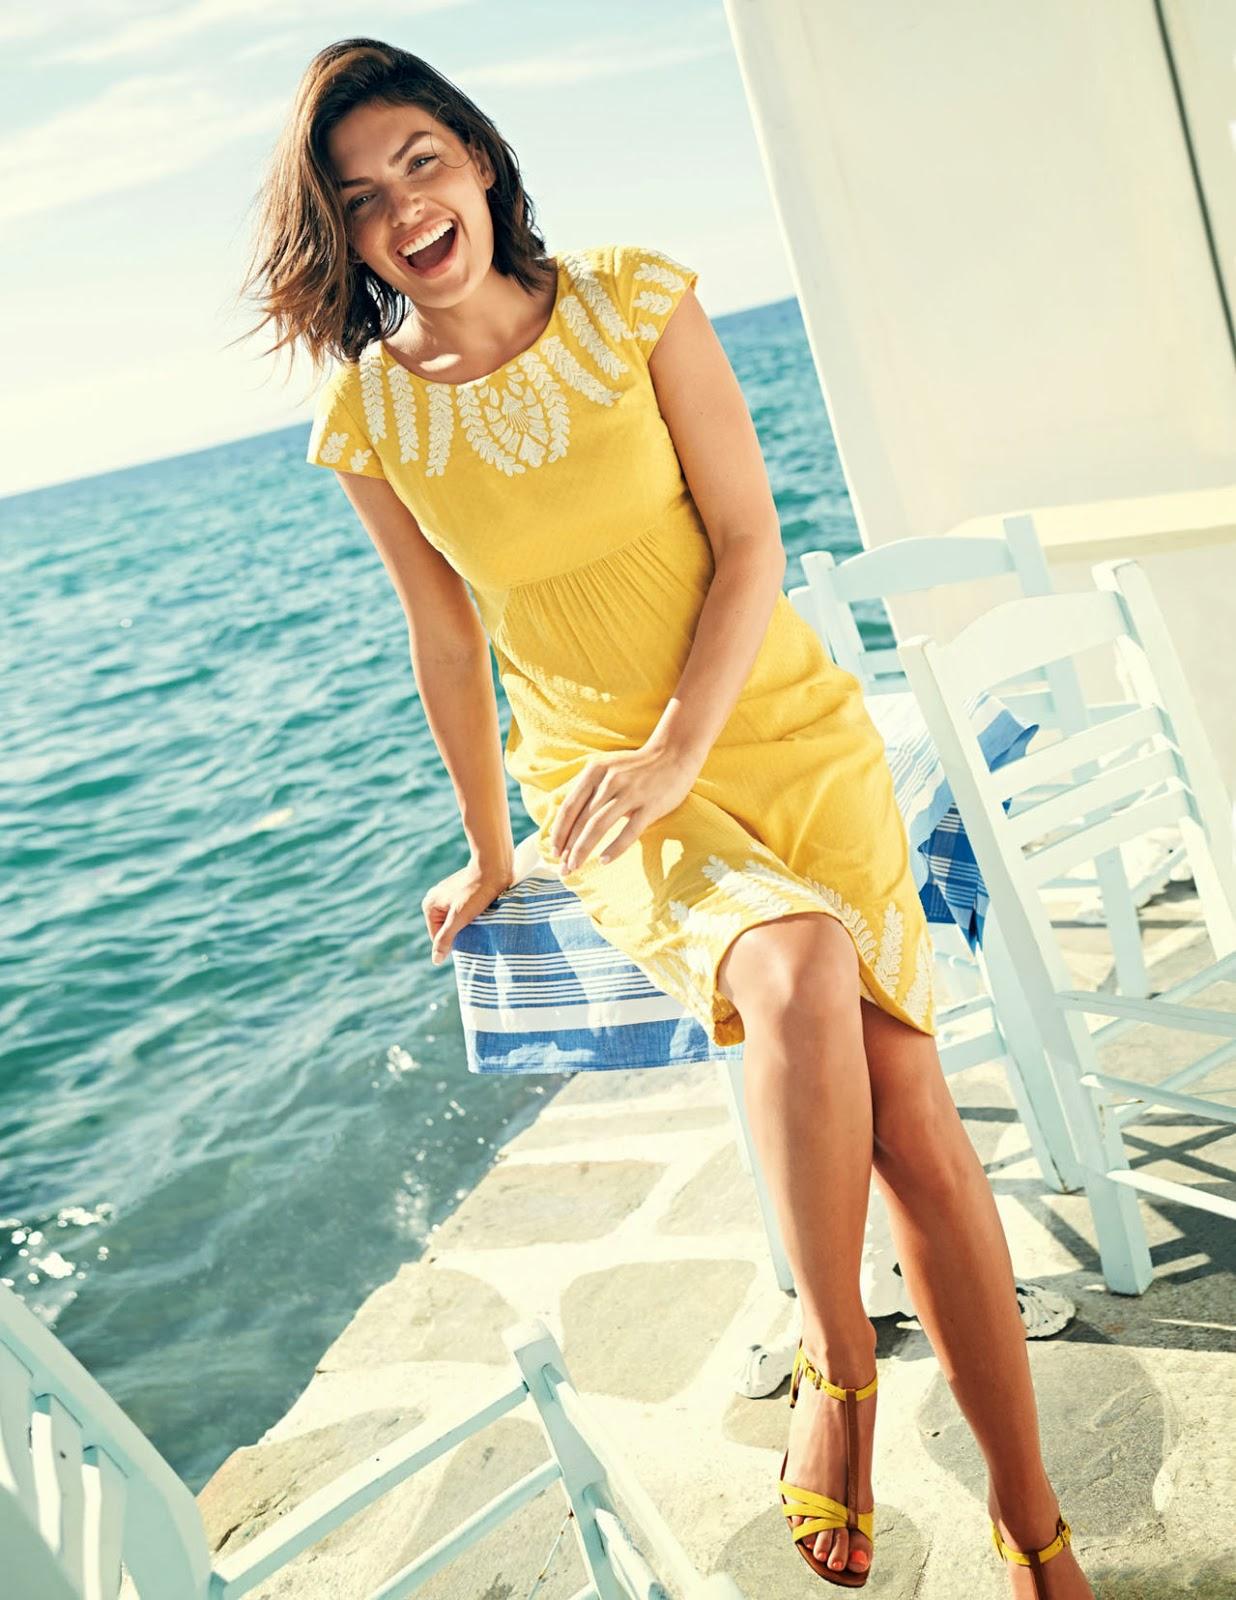 Boden Ss 2014 Model Alyssa Miller Fashion Gossip